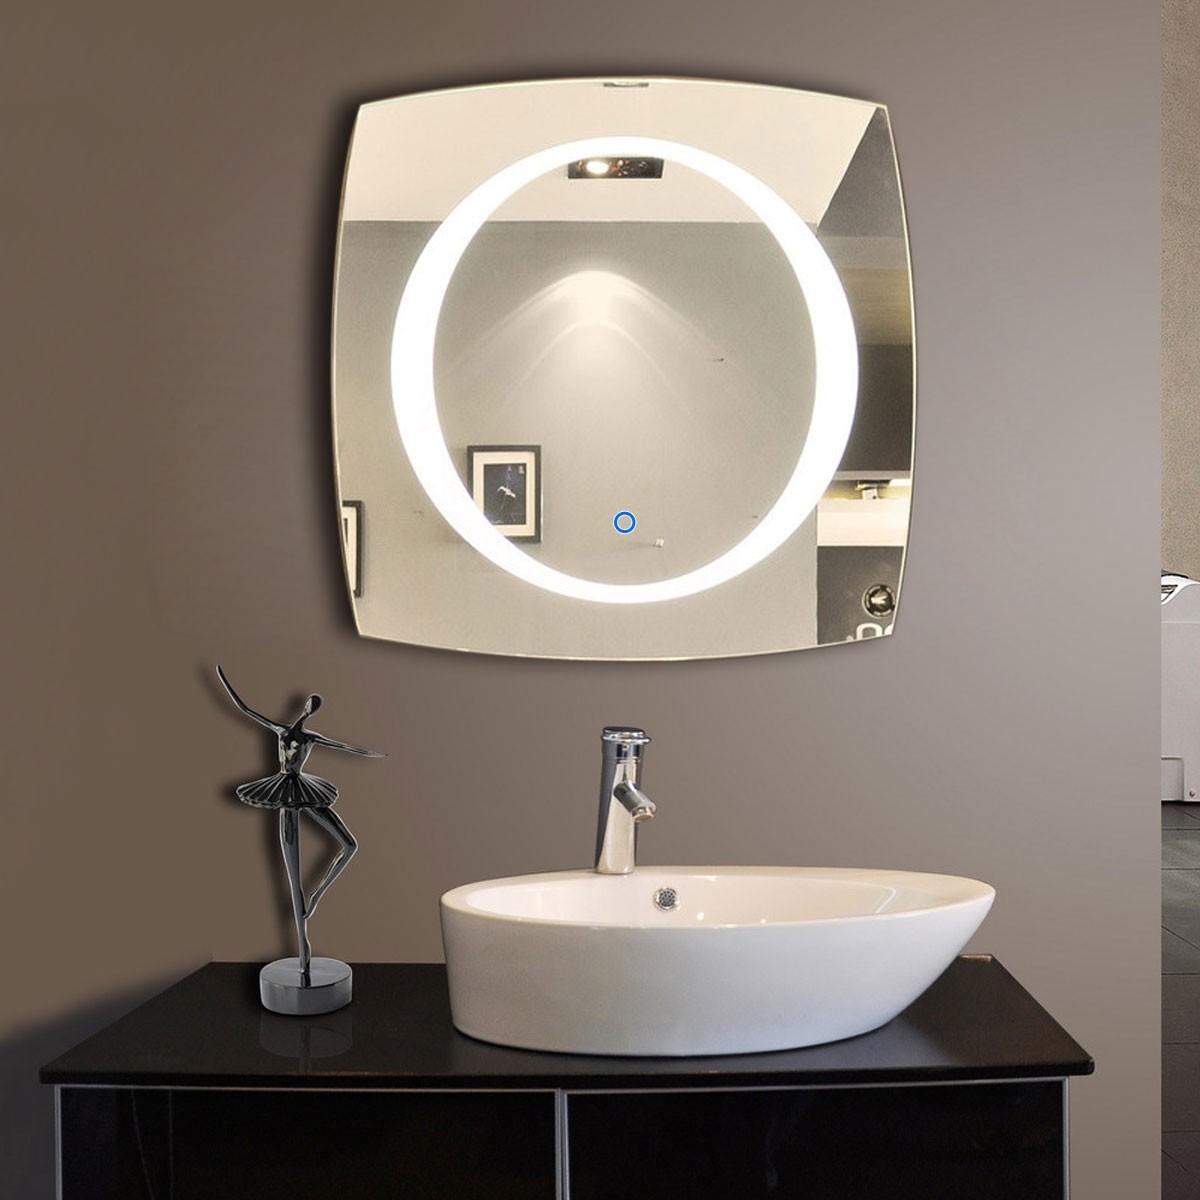 28 x 28 po miroir de salle de bain LED avec bouton tactile (DK-OD-N006-A)